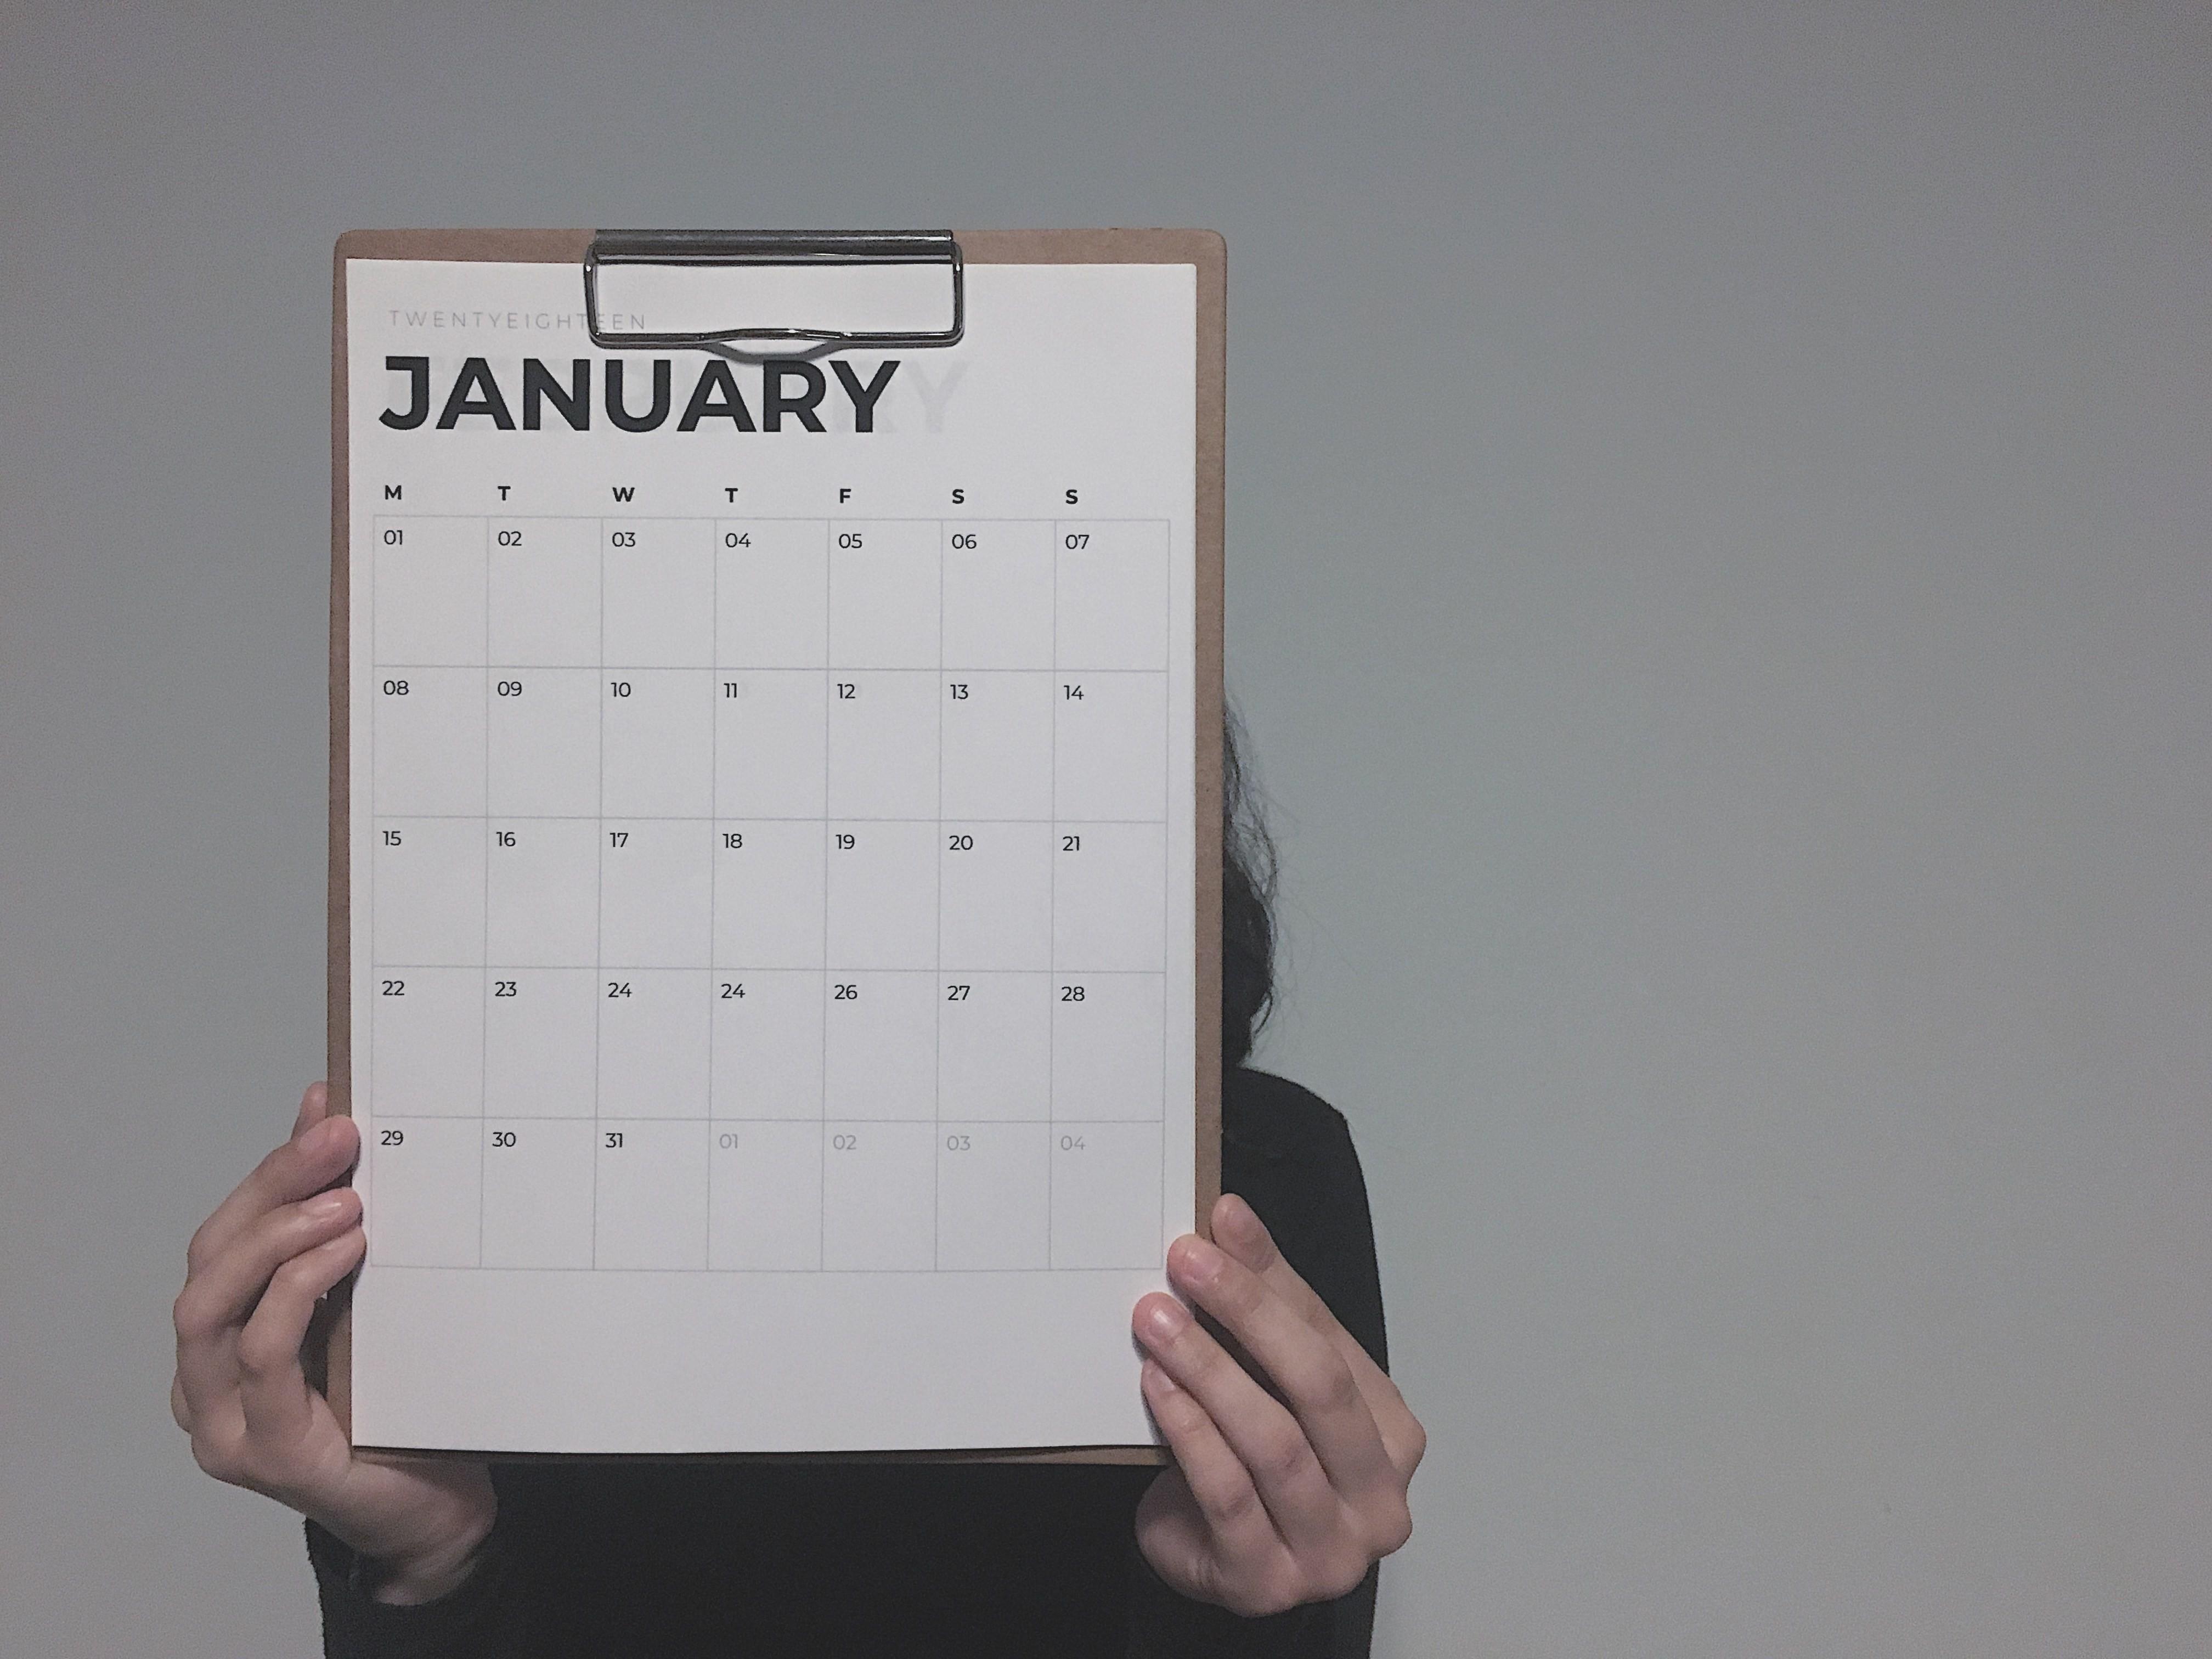 Calendario Imprimir Minimalista Más Caliente Calendário 2018 Minimalista Para Imprimir – Viva Sustentável Of Calendario Imprimir Minimalista Más Caliente Wood Calendar